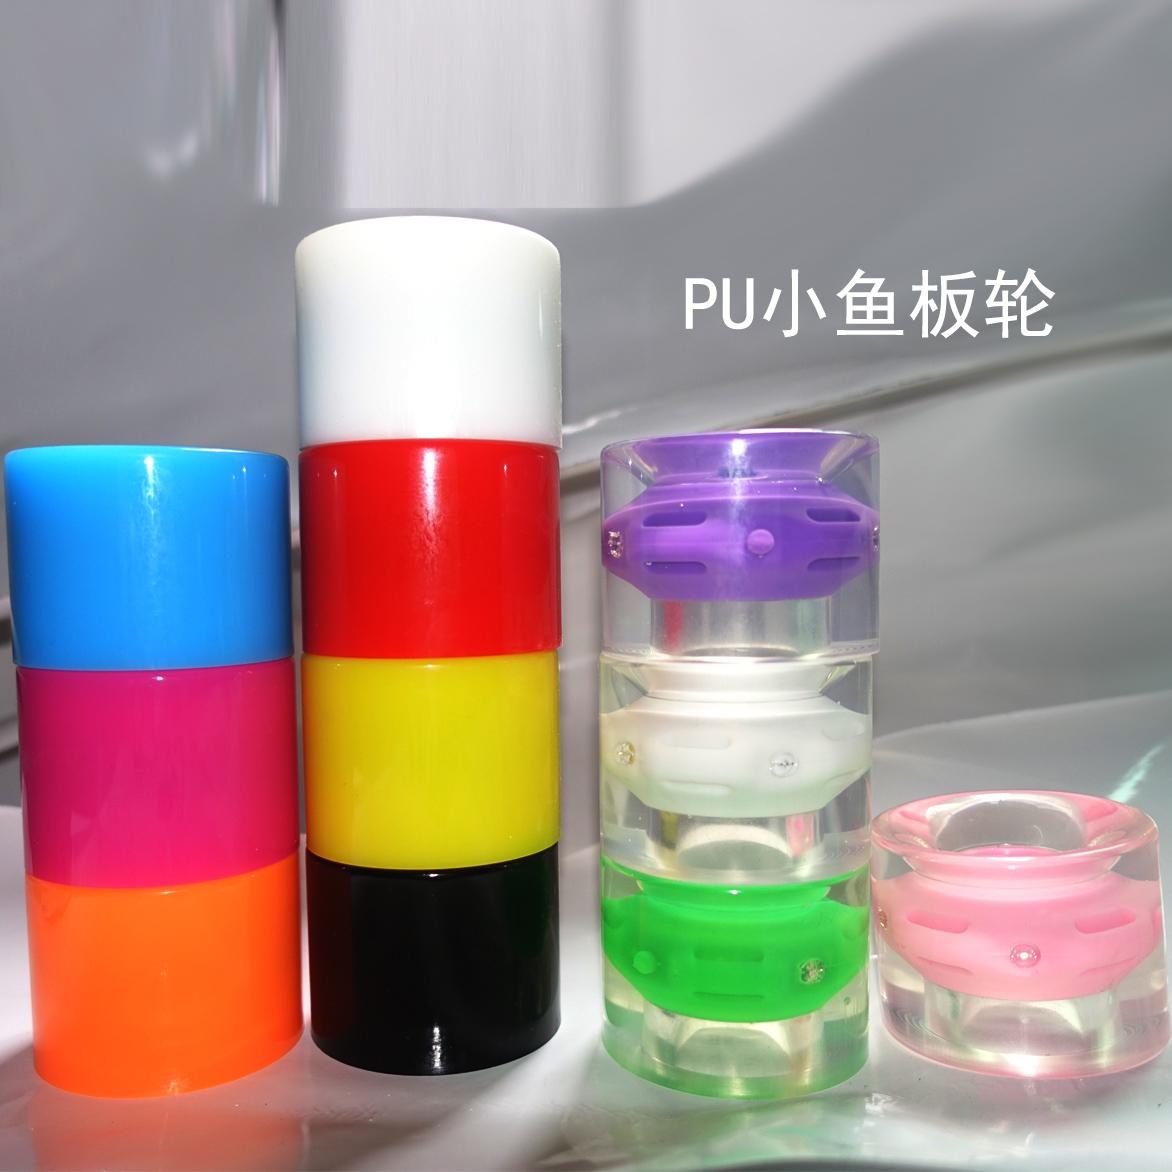 PU小鱼板轮 香蕉板小鱼滑板轮子配件通用 多彩轮LED发光轮闪光轮